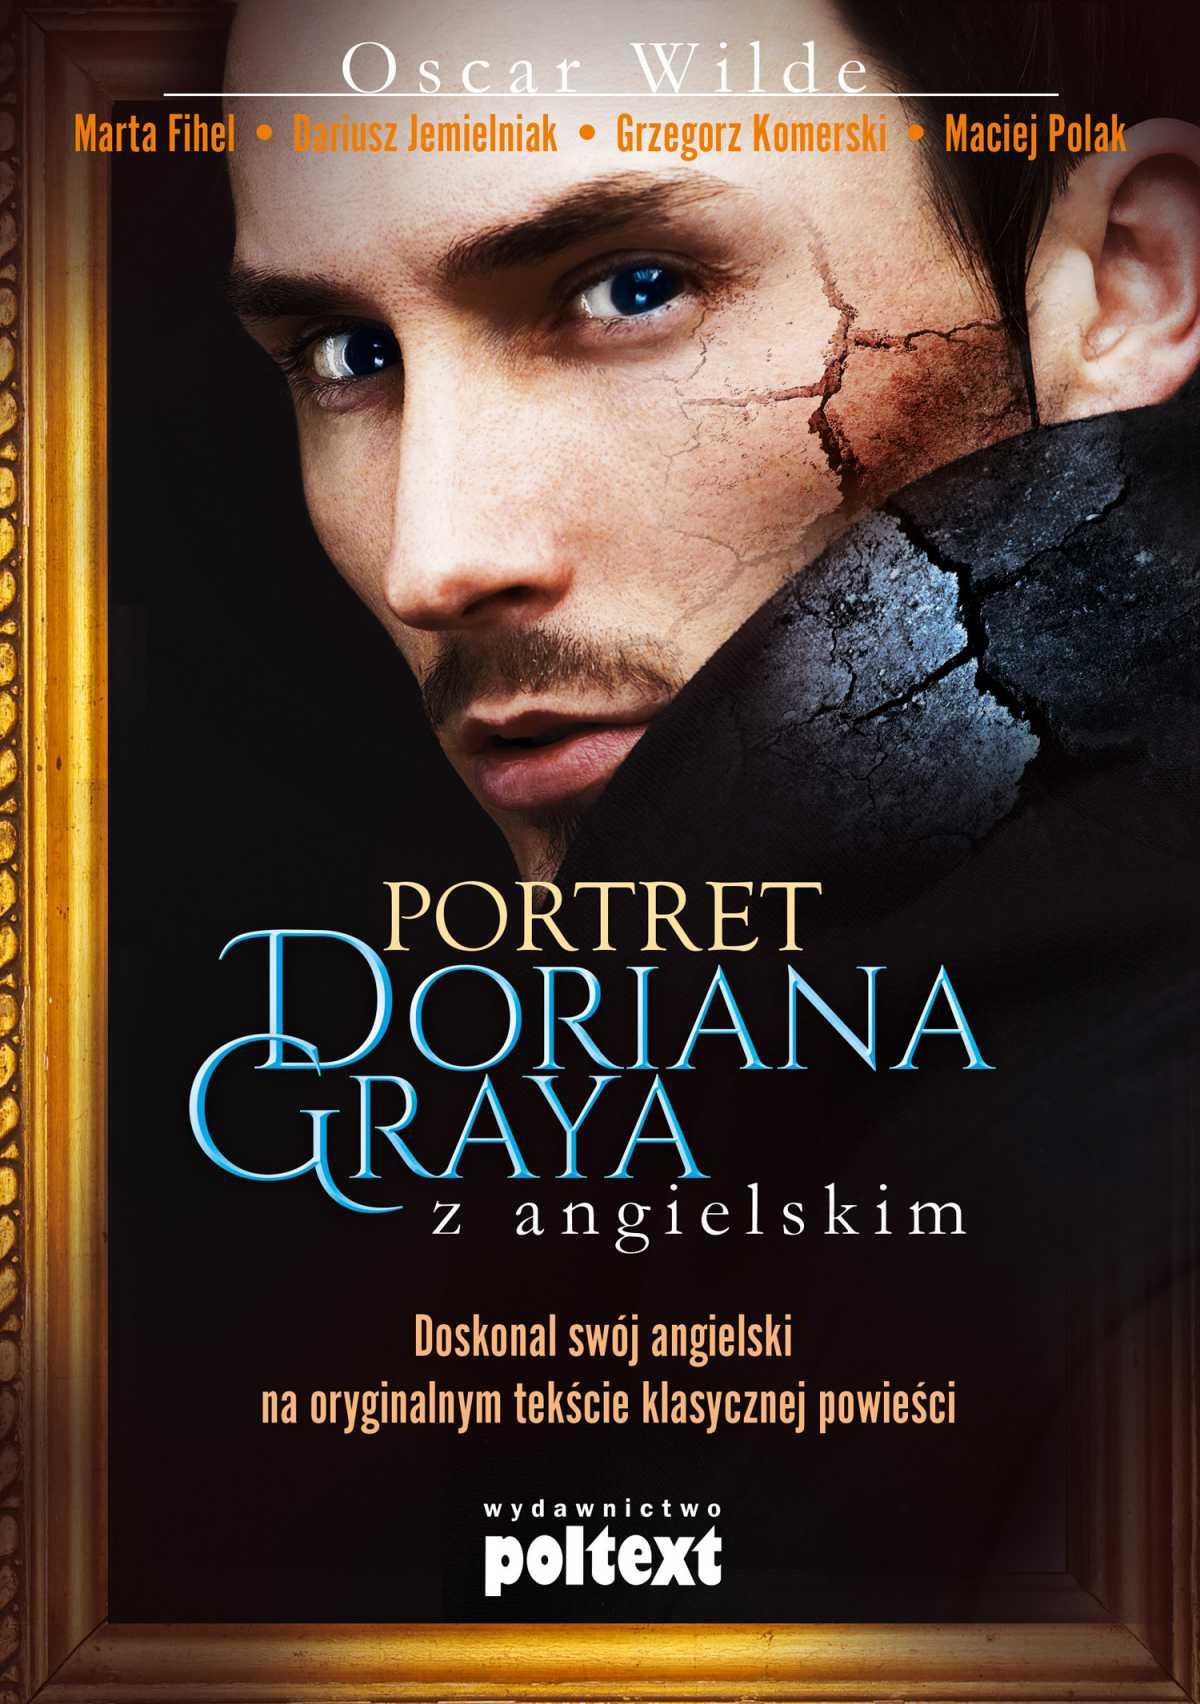 Portret Doriana Greya z angielskim - Ebook (Książka na Kindle) do pobrania w formacie MOBI